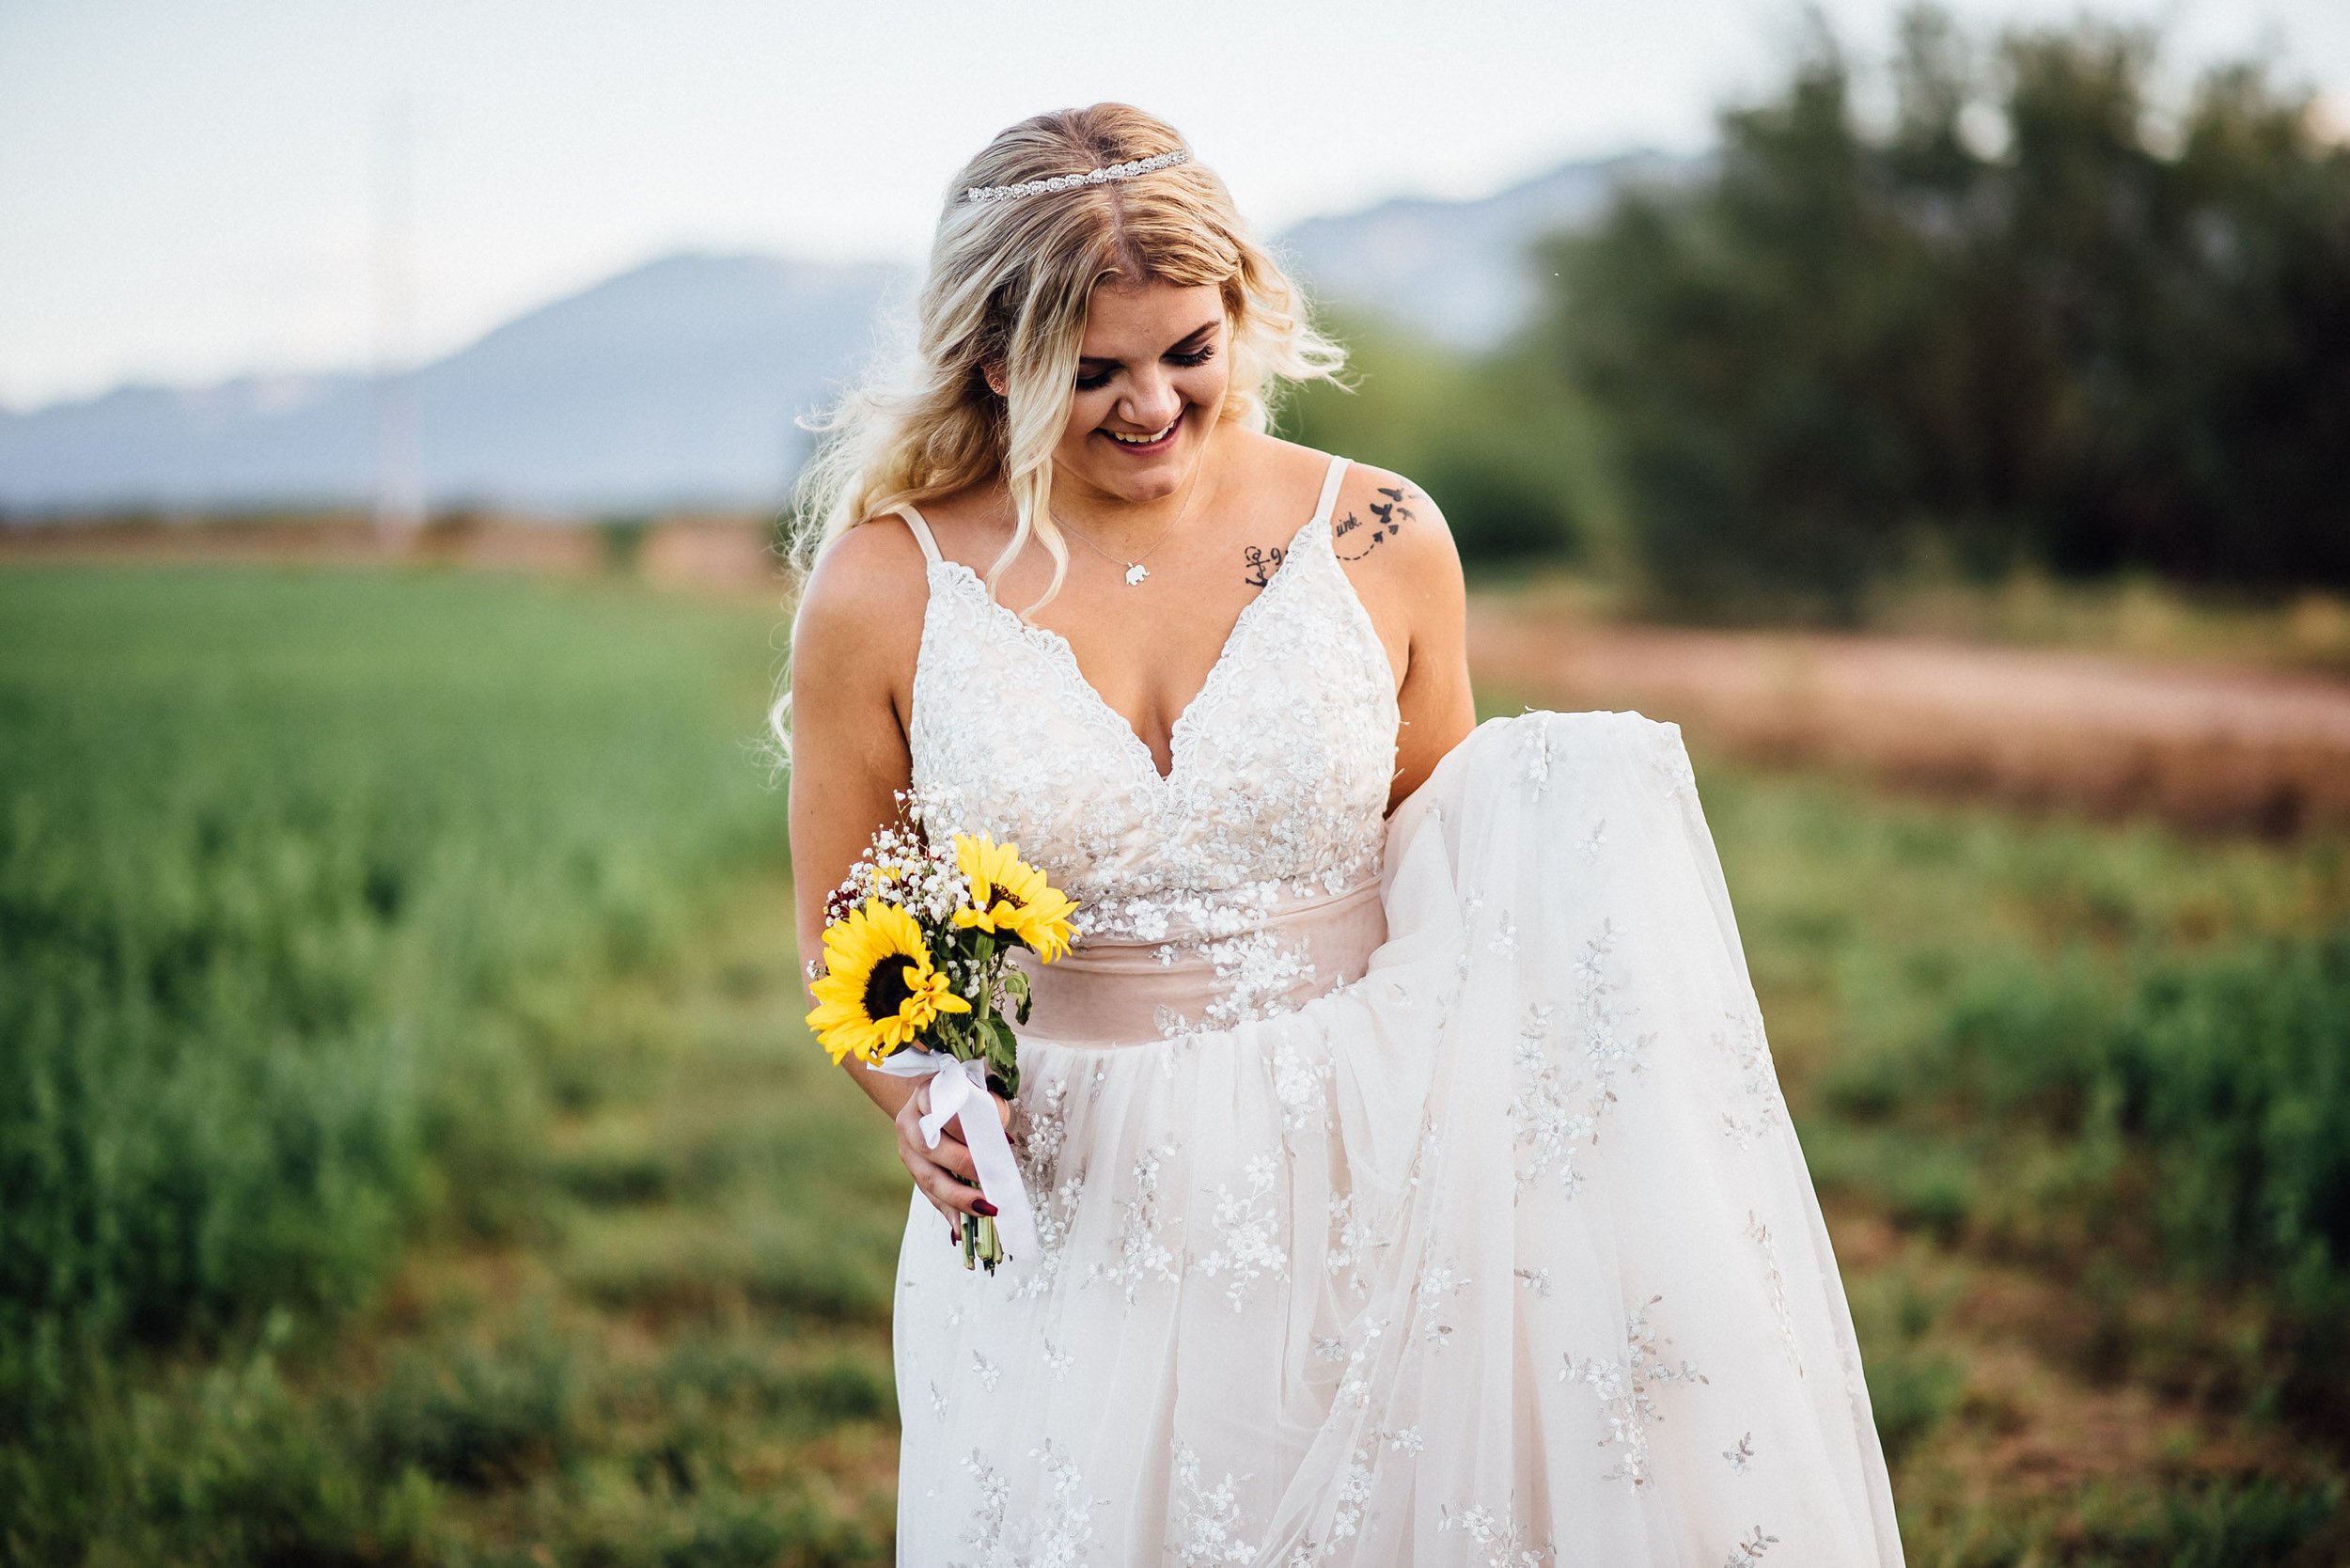 bridegroom-30-2.jpg